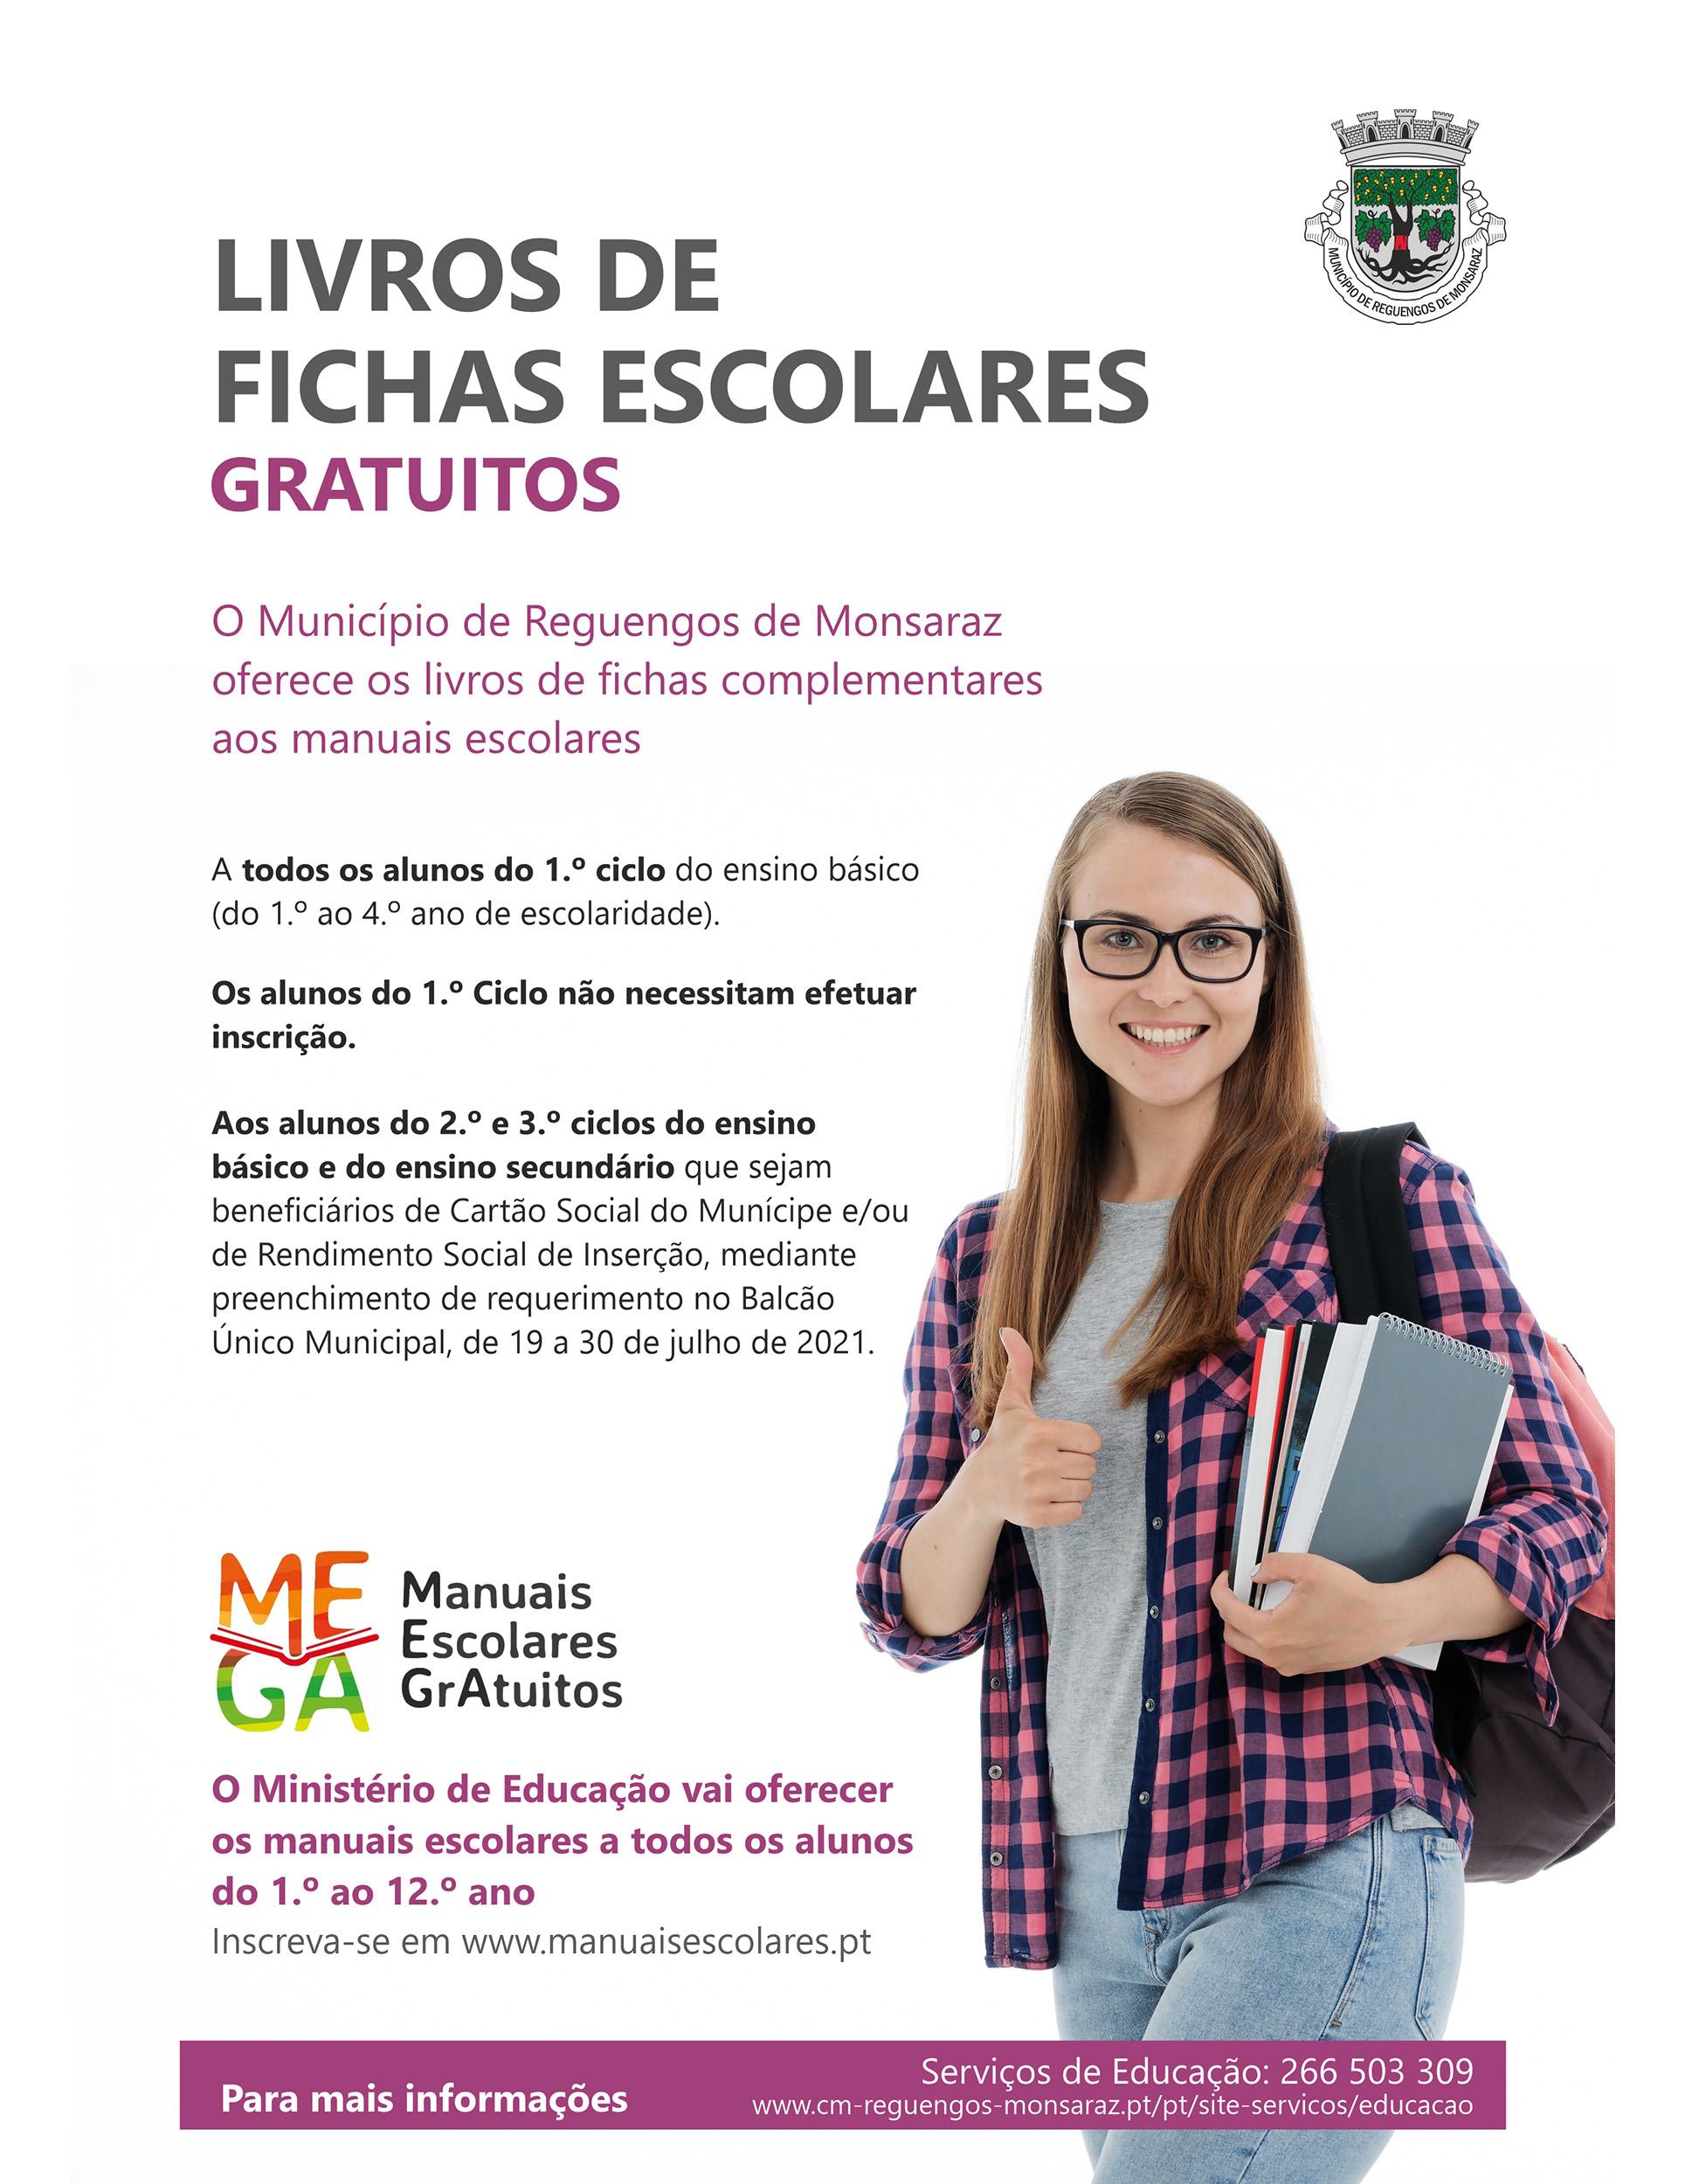 Cartaz dos livros de fichas escolares para o ano letivo 2021/2022